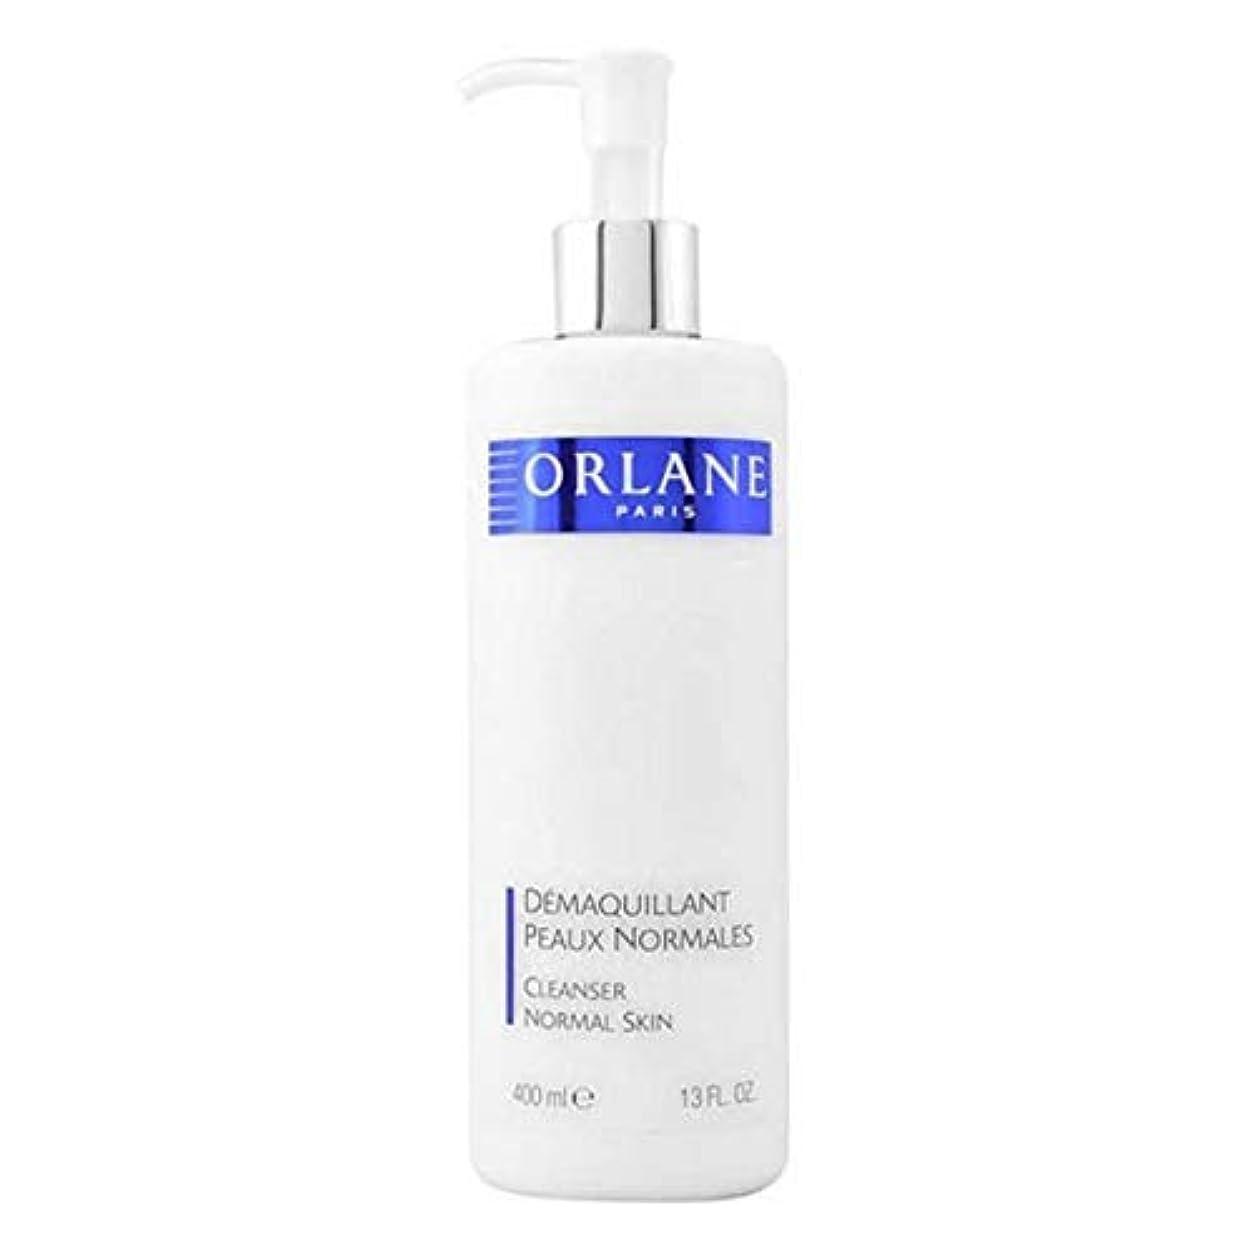 南連帯スプーンオルラーヌ Cleanser For Normal Skin (Salon Product) 400ml/13oz並行輸入品